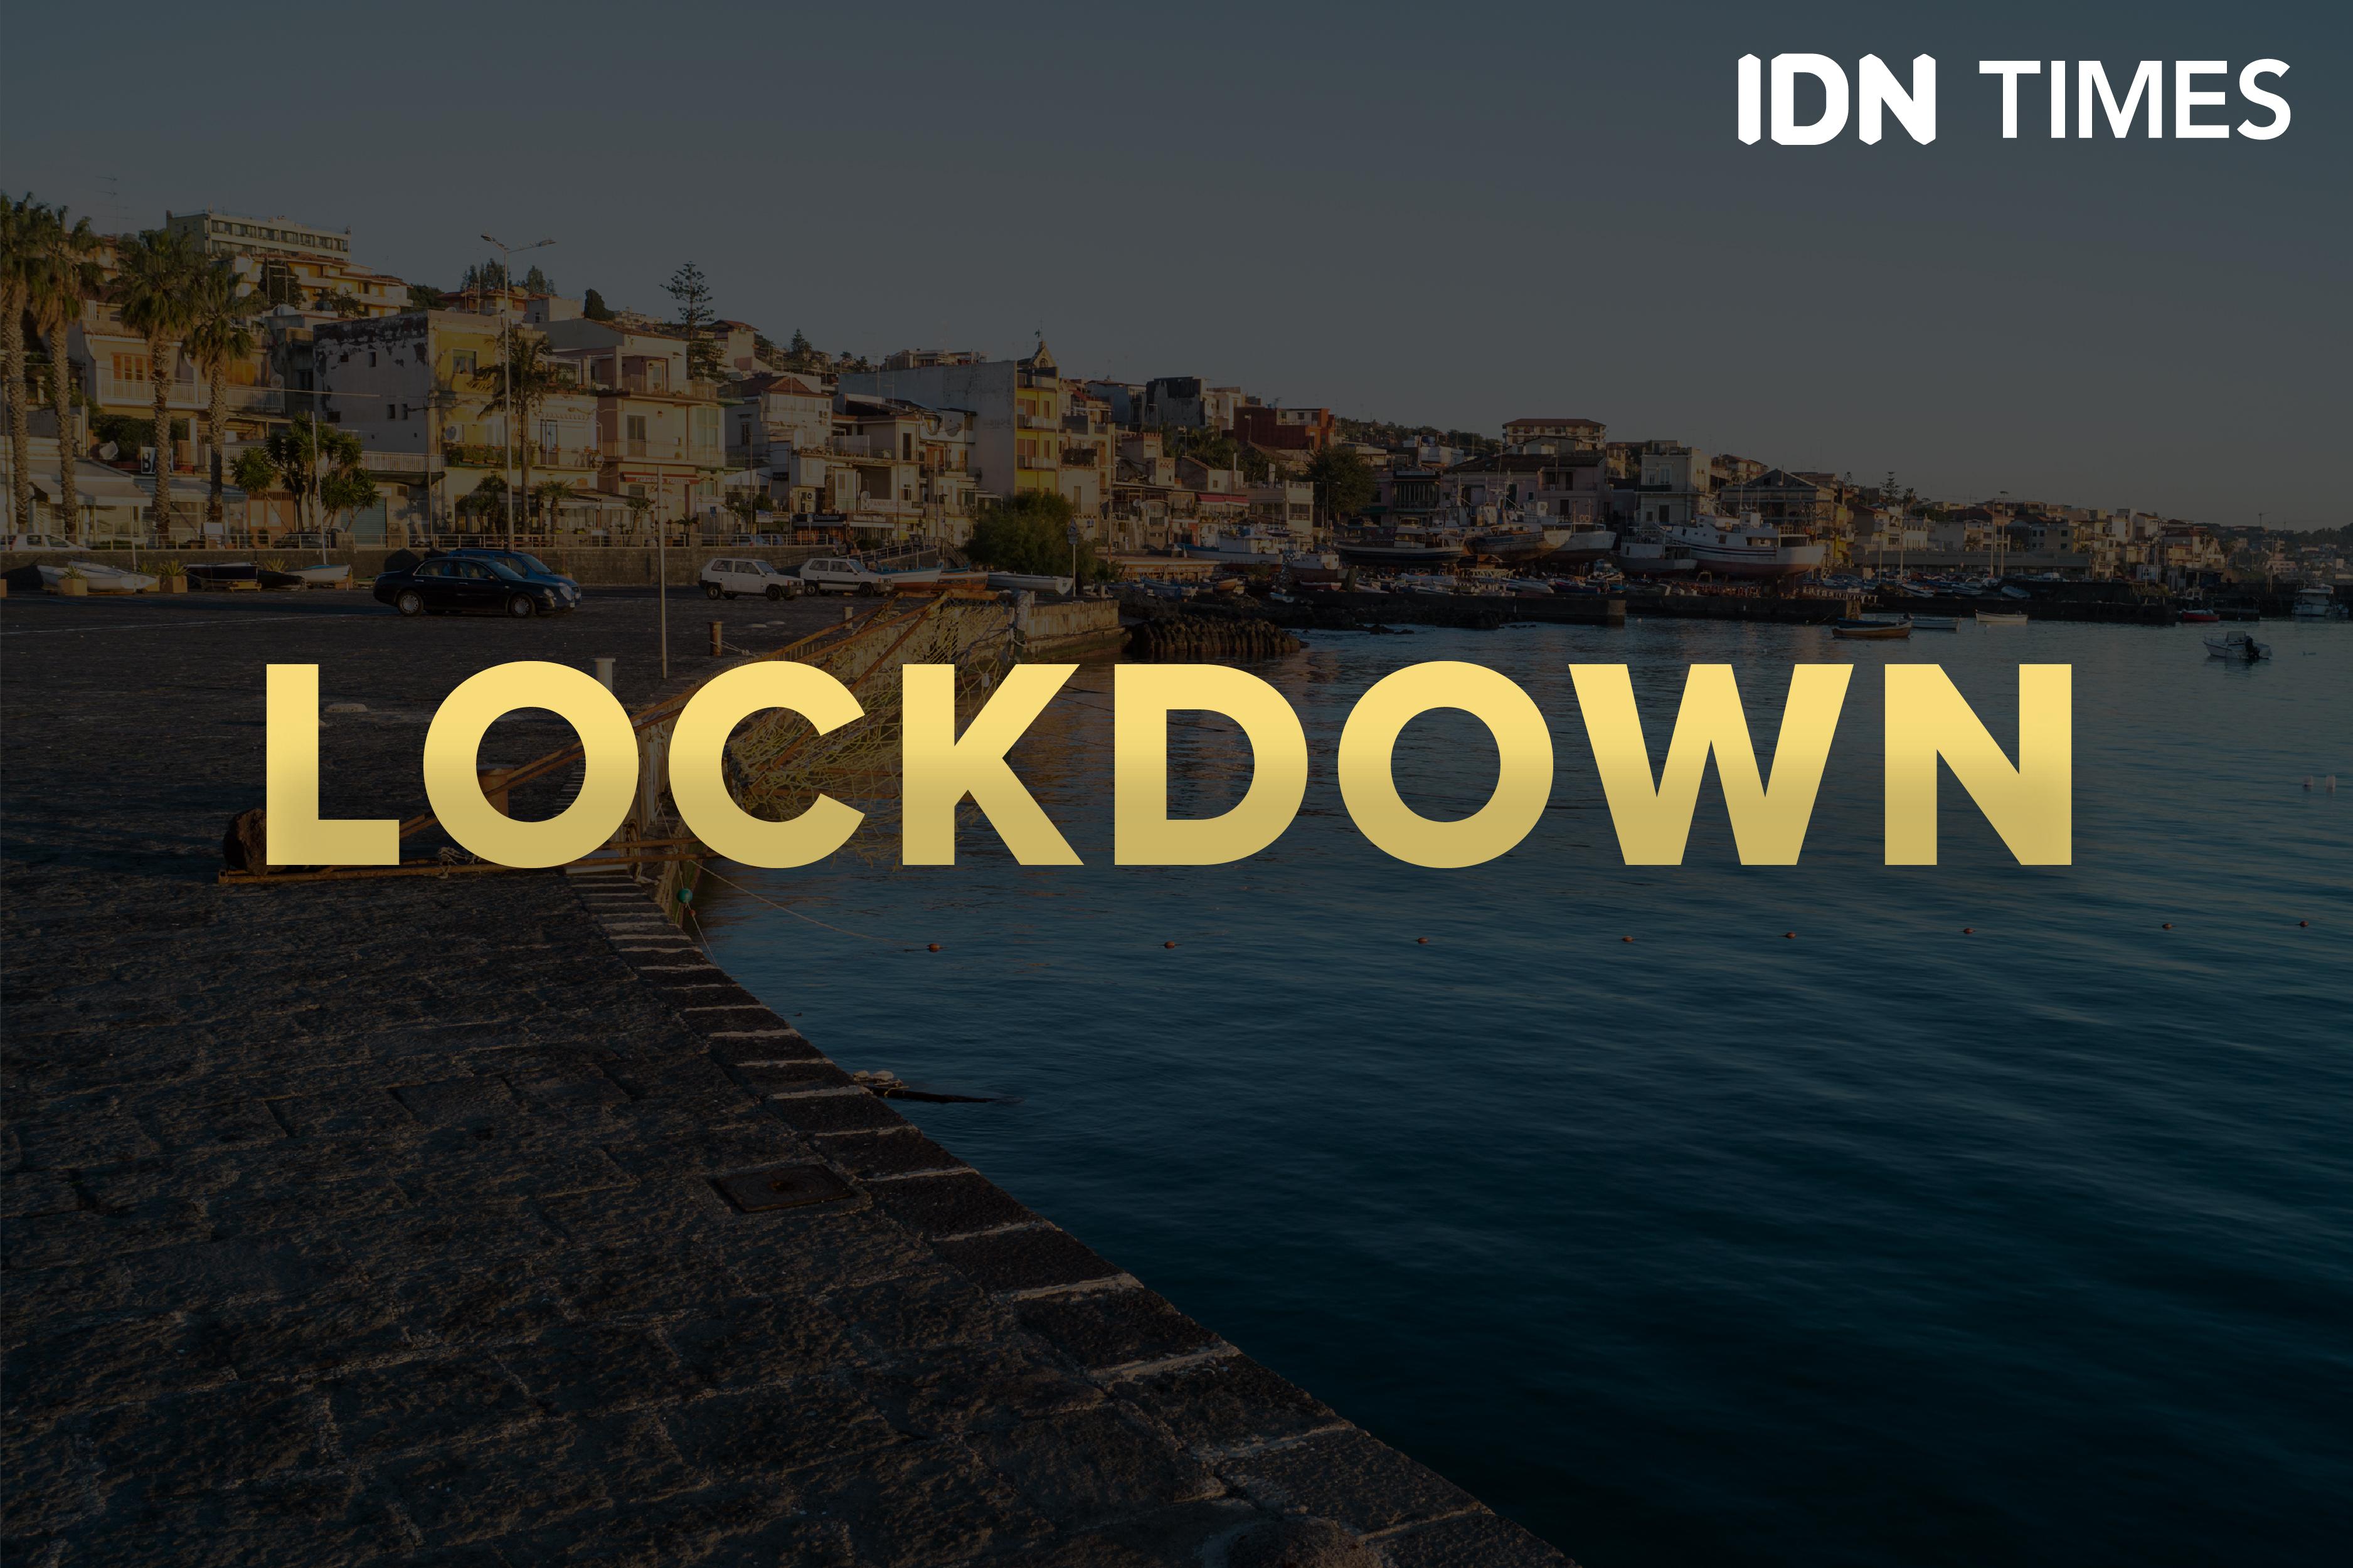 Tolak Lockdown, Inggris Terapkan PSBB Tingkat Kota Lawan COVID-19